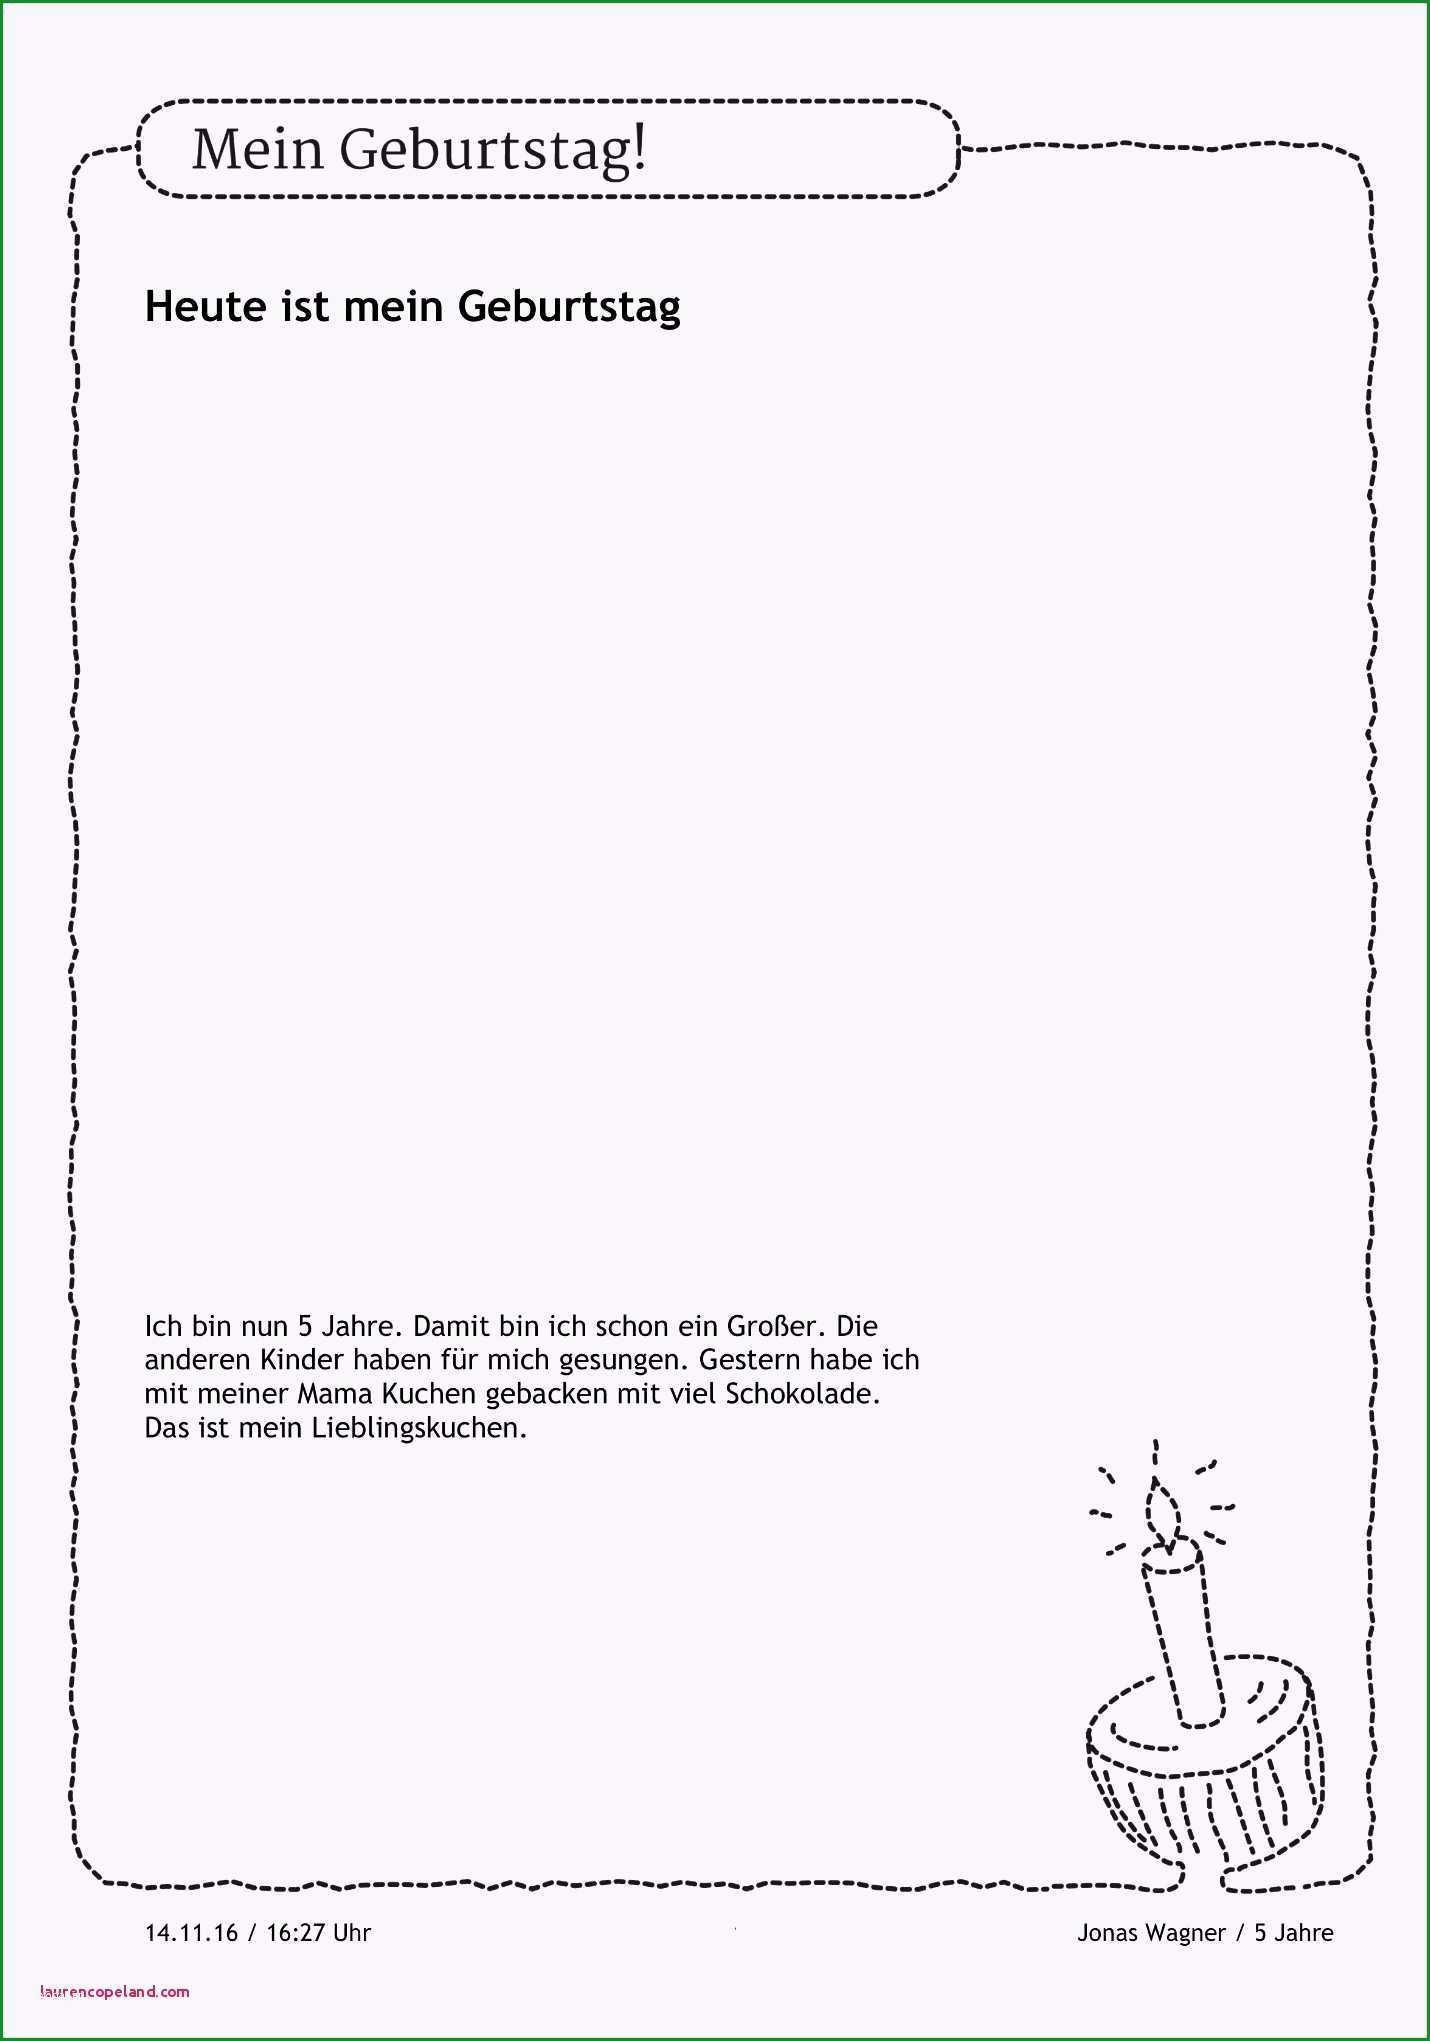 Beste Geburtstagskarte Basteln Vorlage Einladungs Karte Elegant